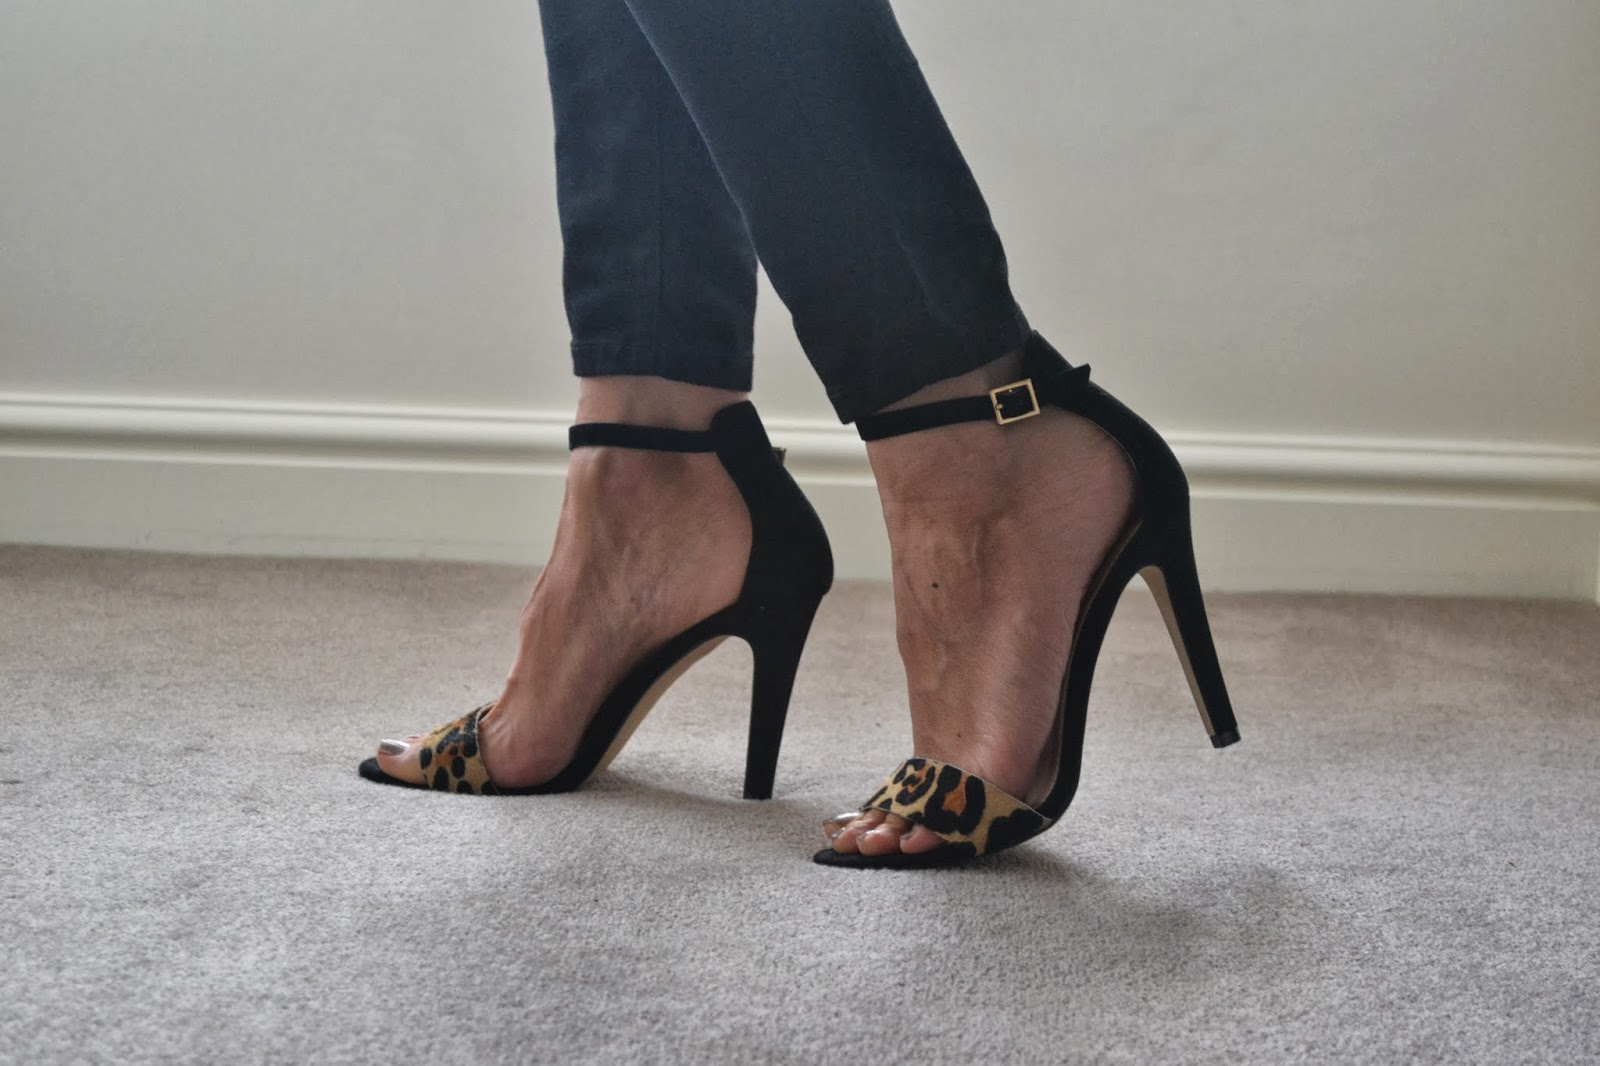 Veiny feet in heels